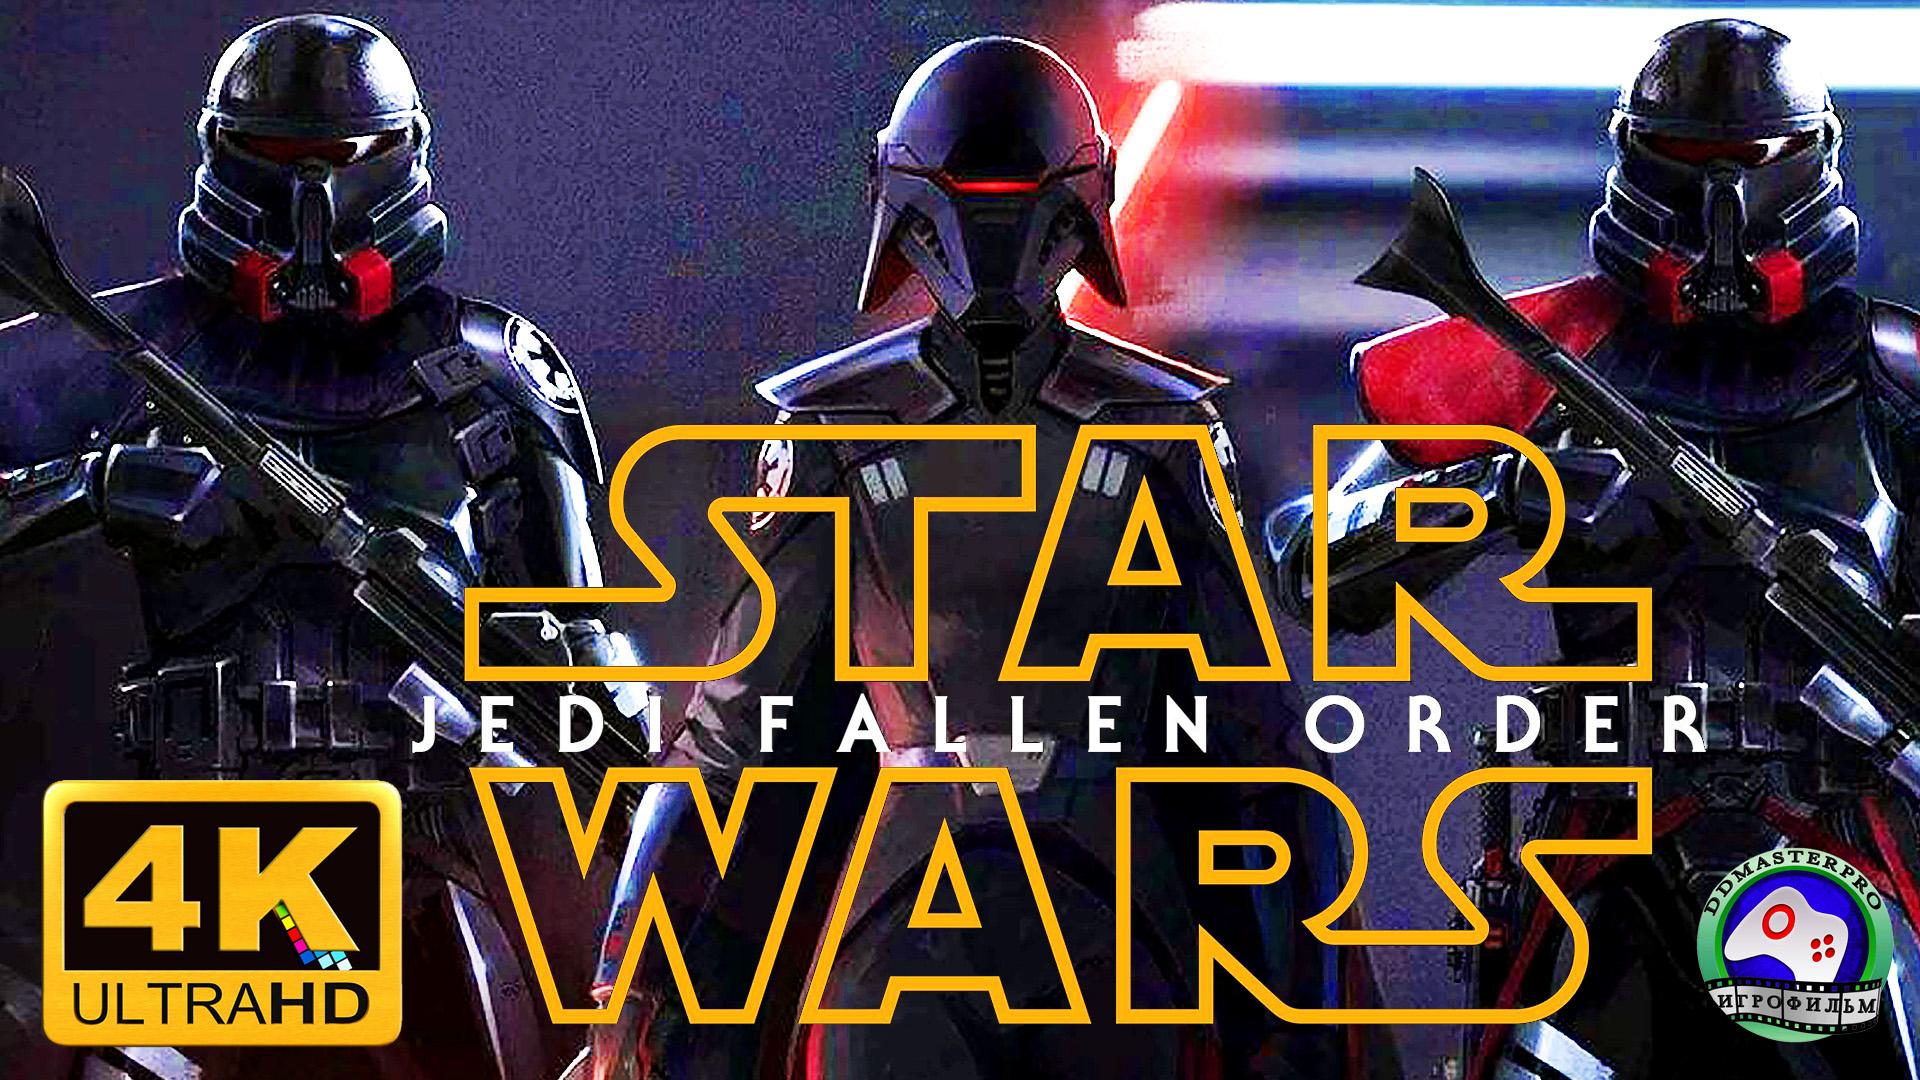 Звёздные войны Падший орден